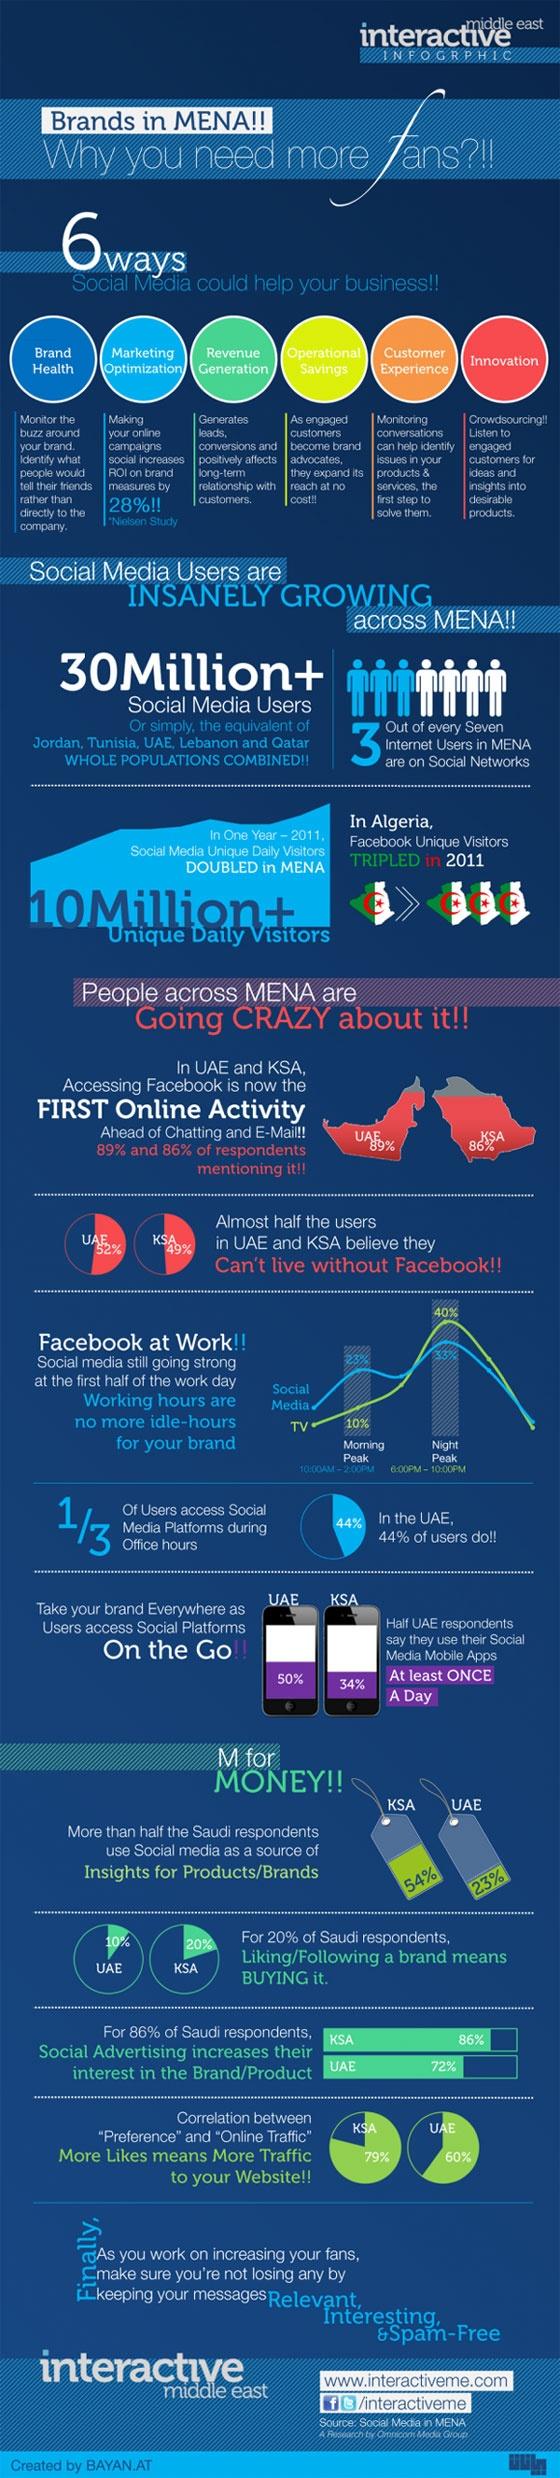 Infographic: Social media usage in #UAE, Saudi Arabia #socialmedia @sanajt